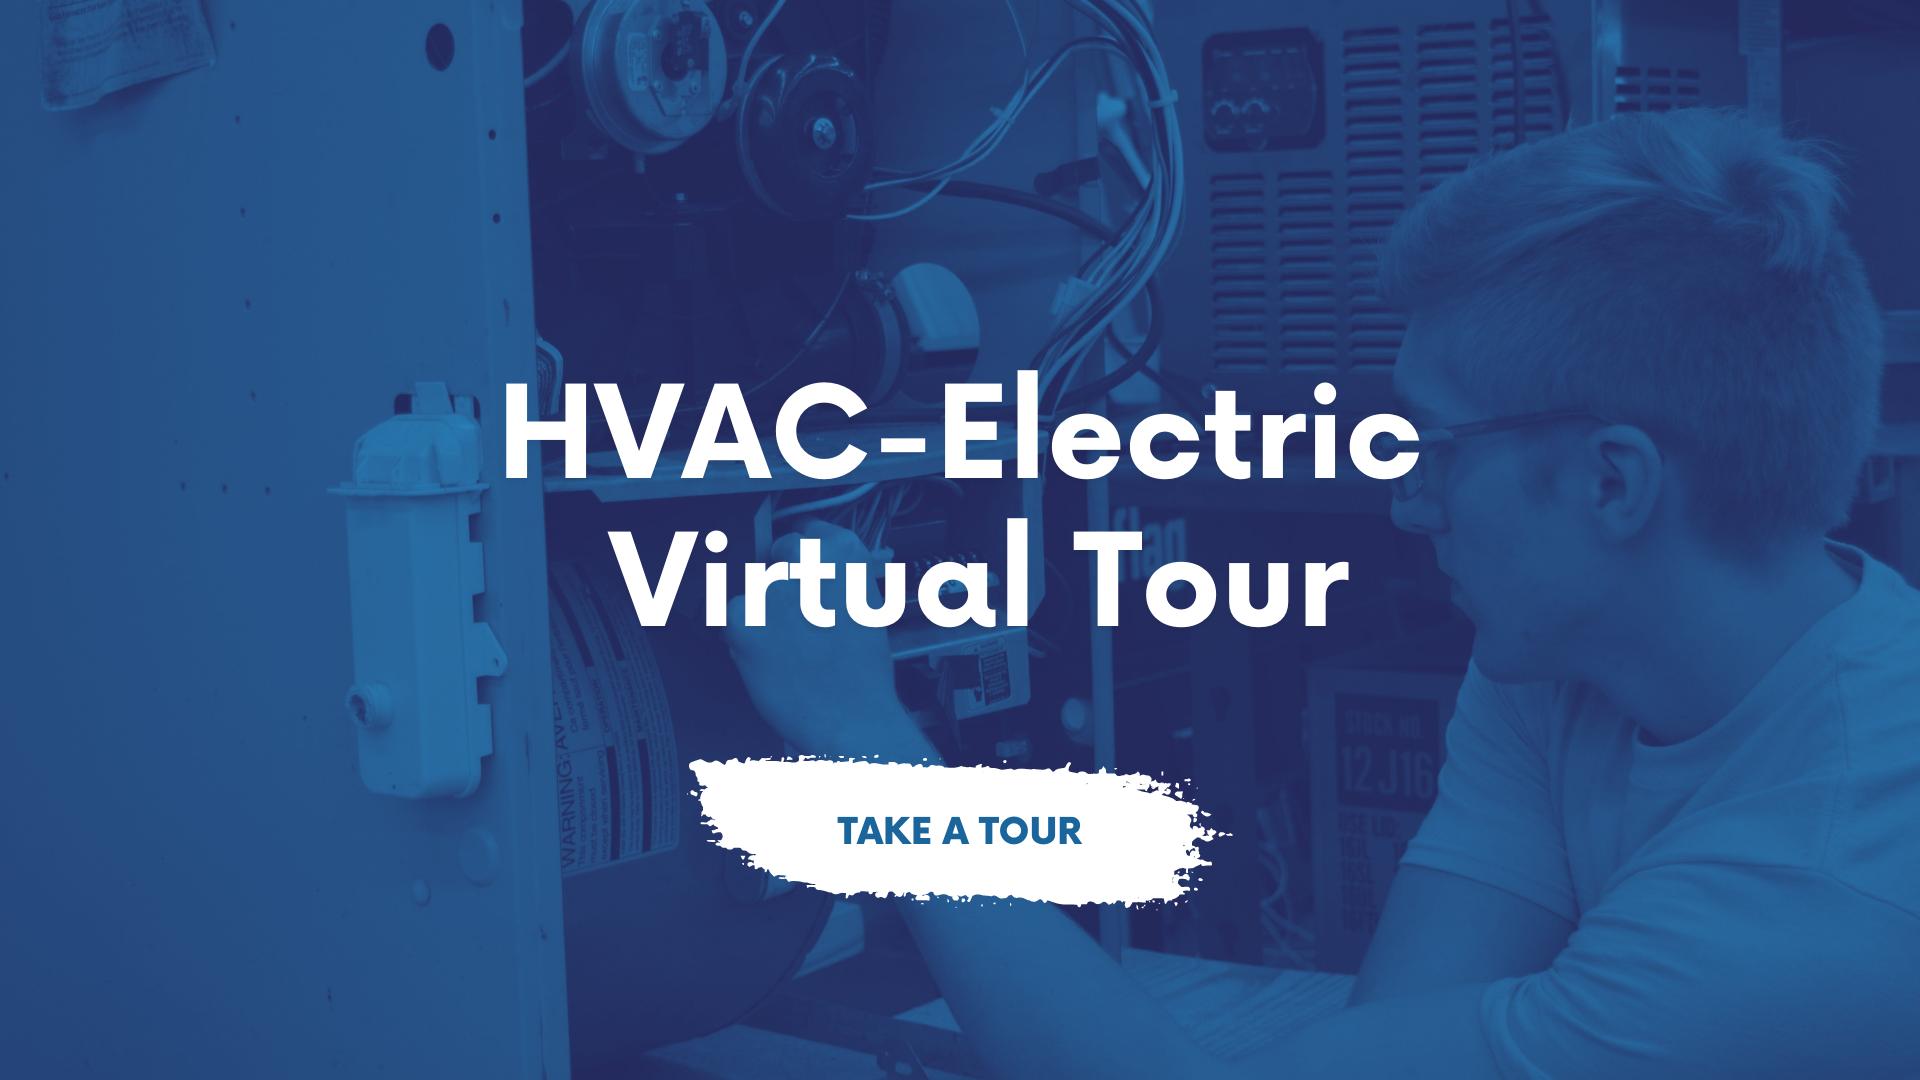 HVAC-ELECTRIC Virtual Tour